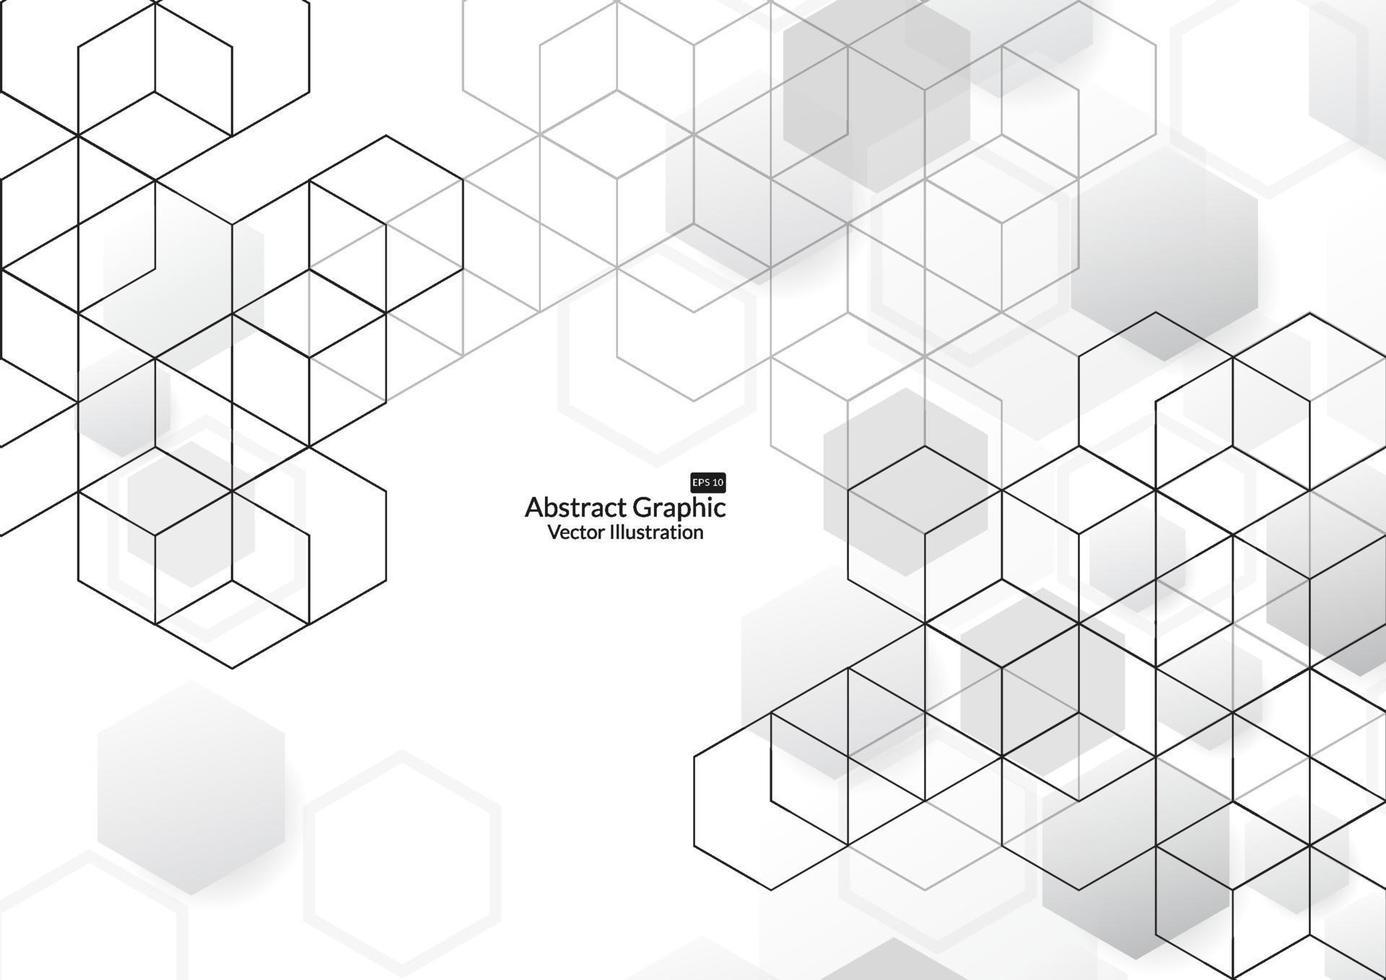 abstrakte Boxen Hintergrund. moderne Technologie mit quadratischem Netz. geometrisch auf weißem Hintergrund mit Linien. Würfelzelle. Vektorillustration vektor